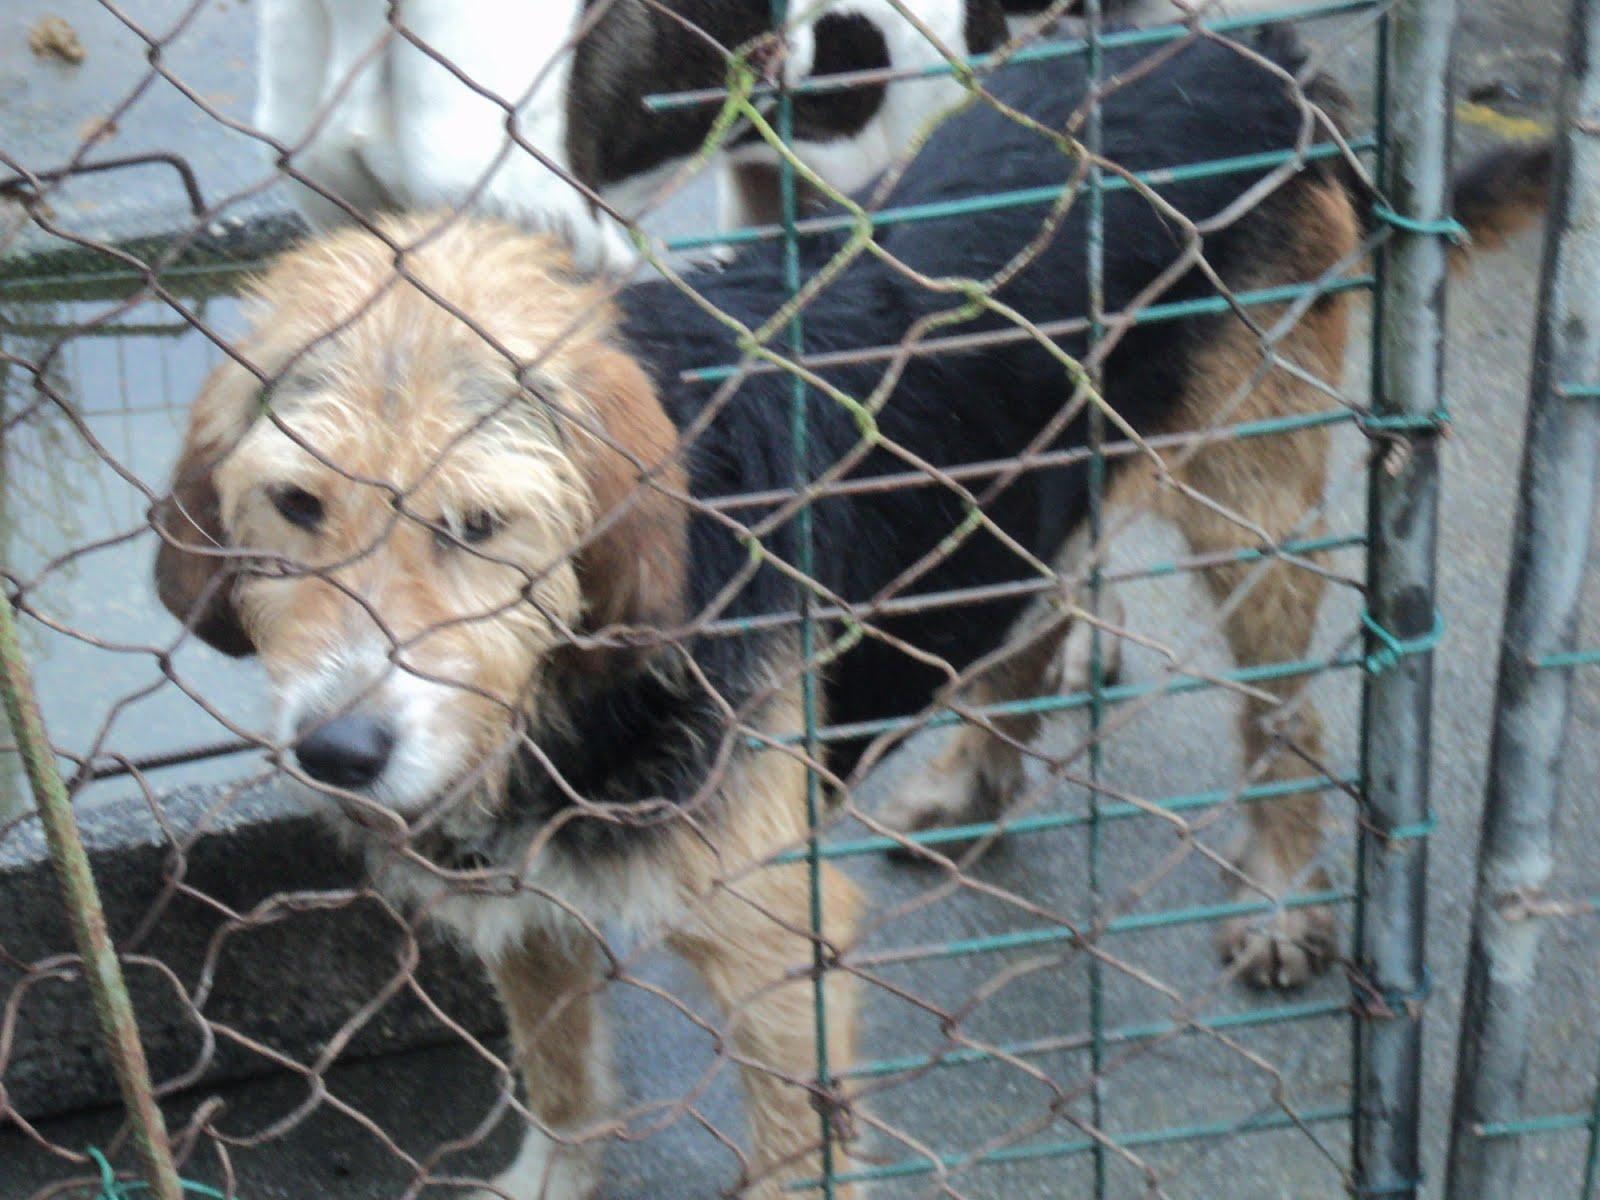 Coir s a coru a perro robado el busca perros de caza - Pienso para perros de caza ...